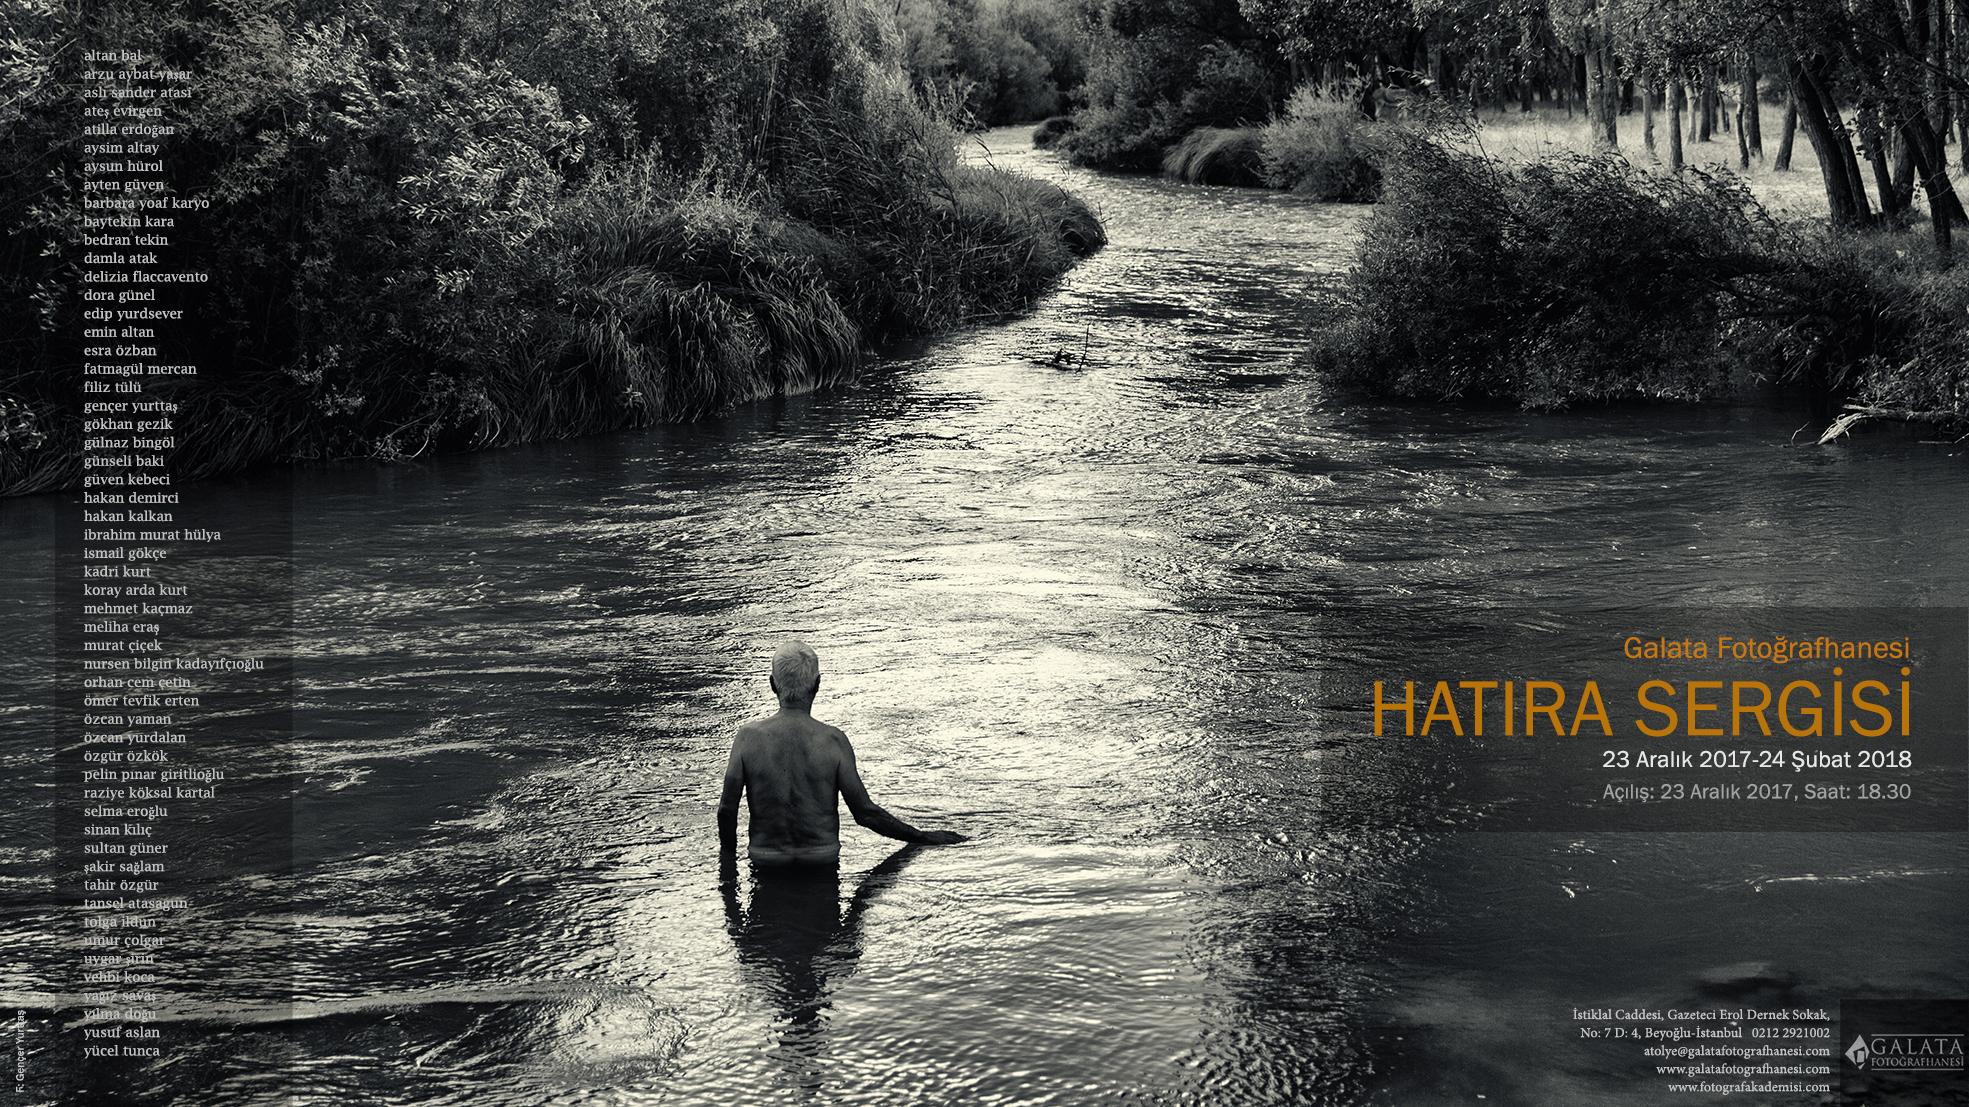 Galata Fotoğrafhanesi'nden 'Hatıra Sergisi'